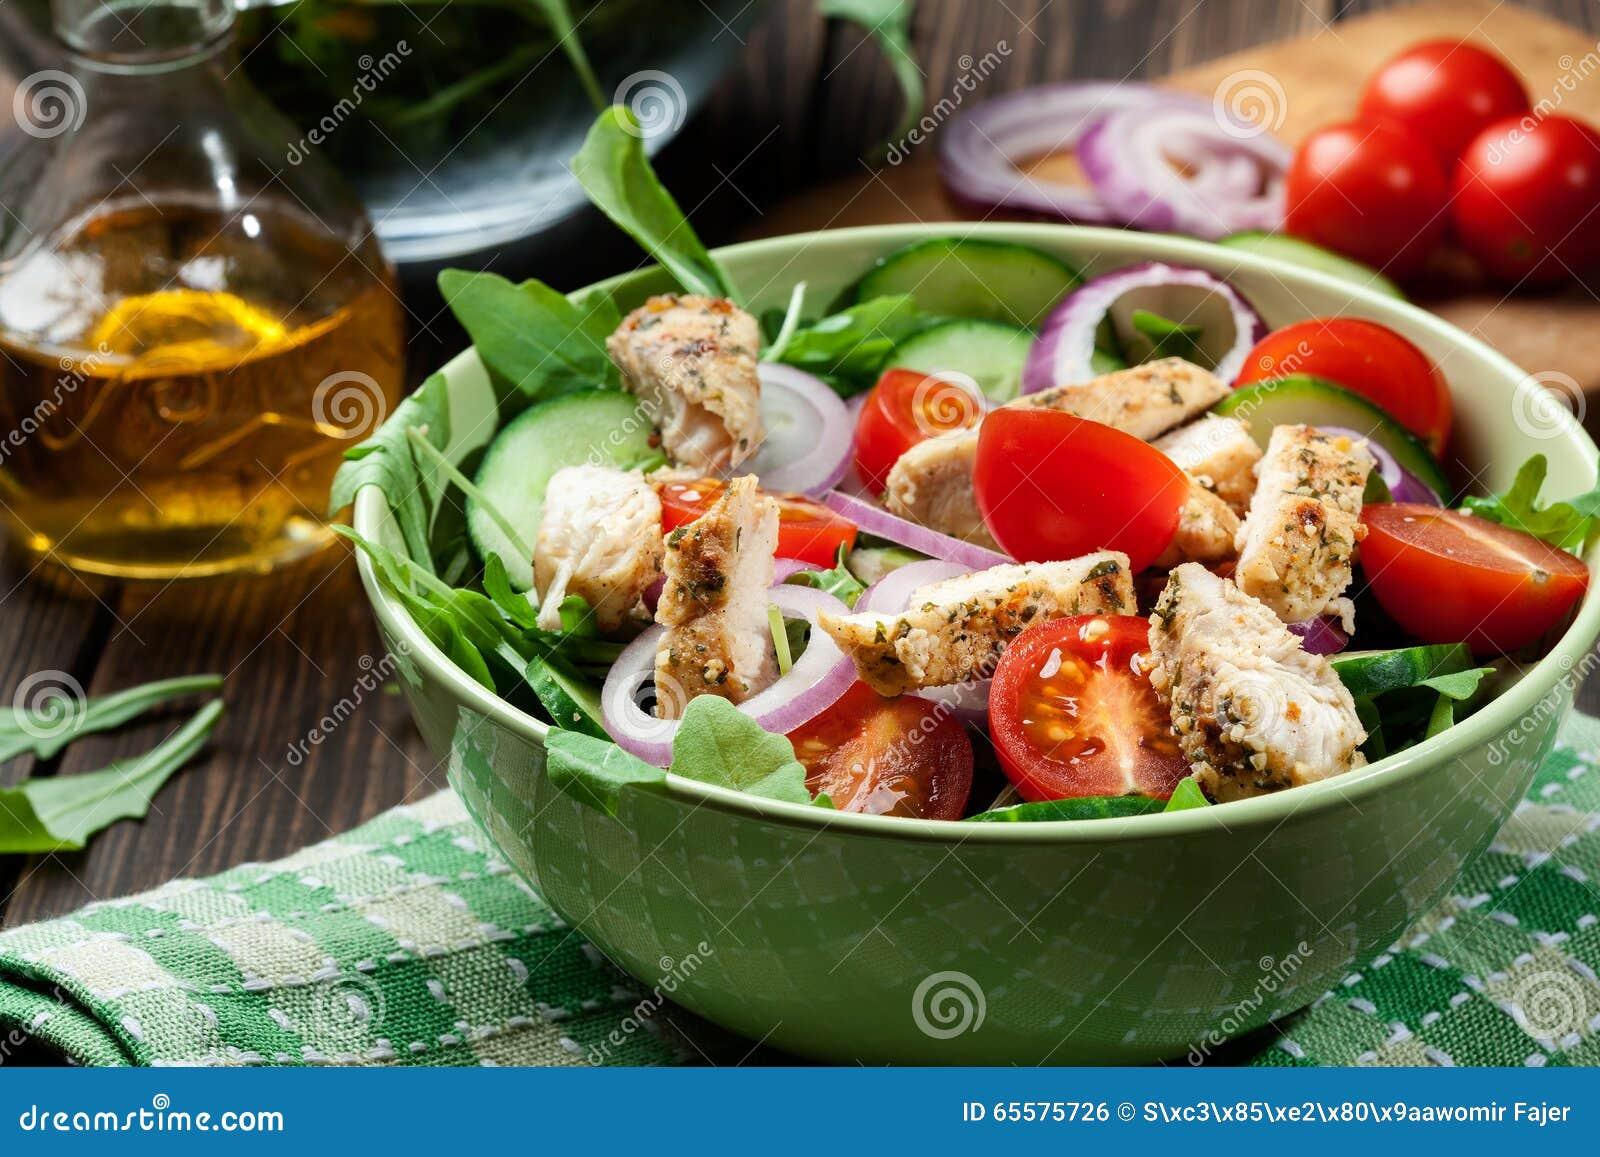 Salada fresca com galinha, tomates e rúcula na placa